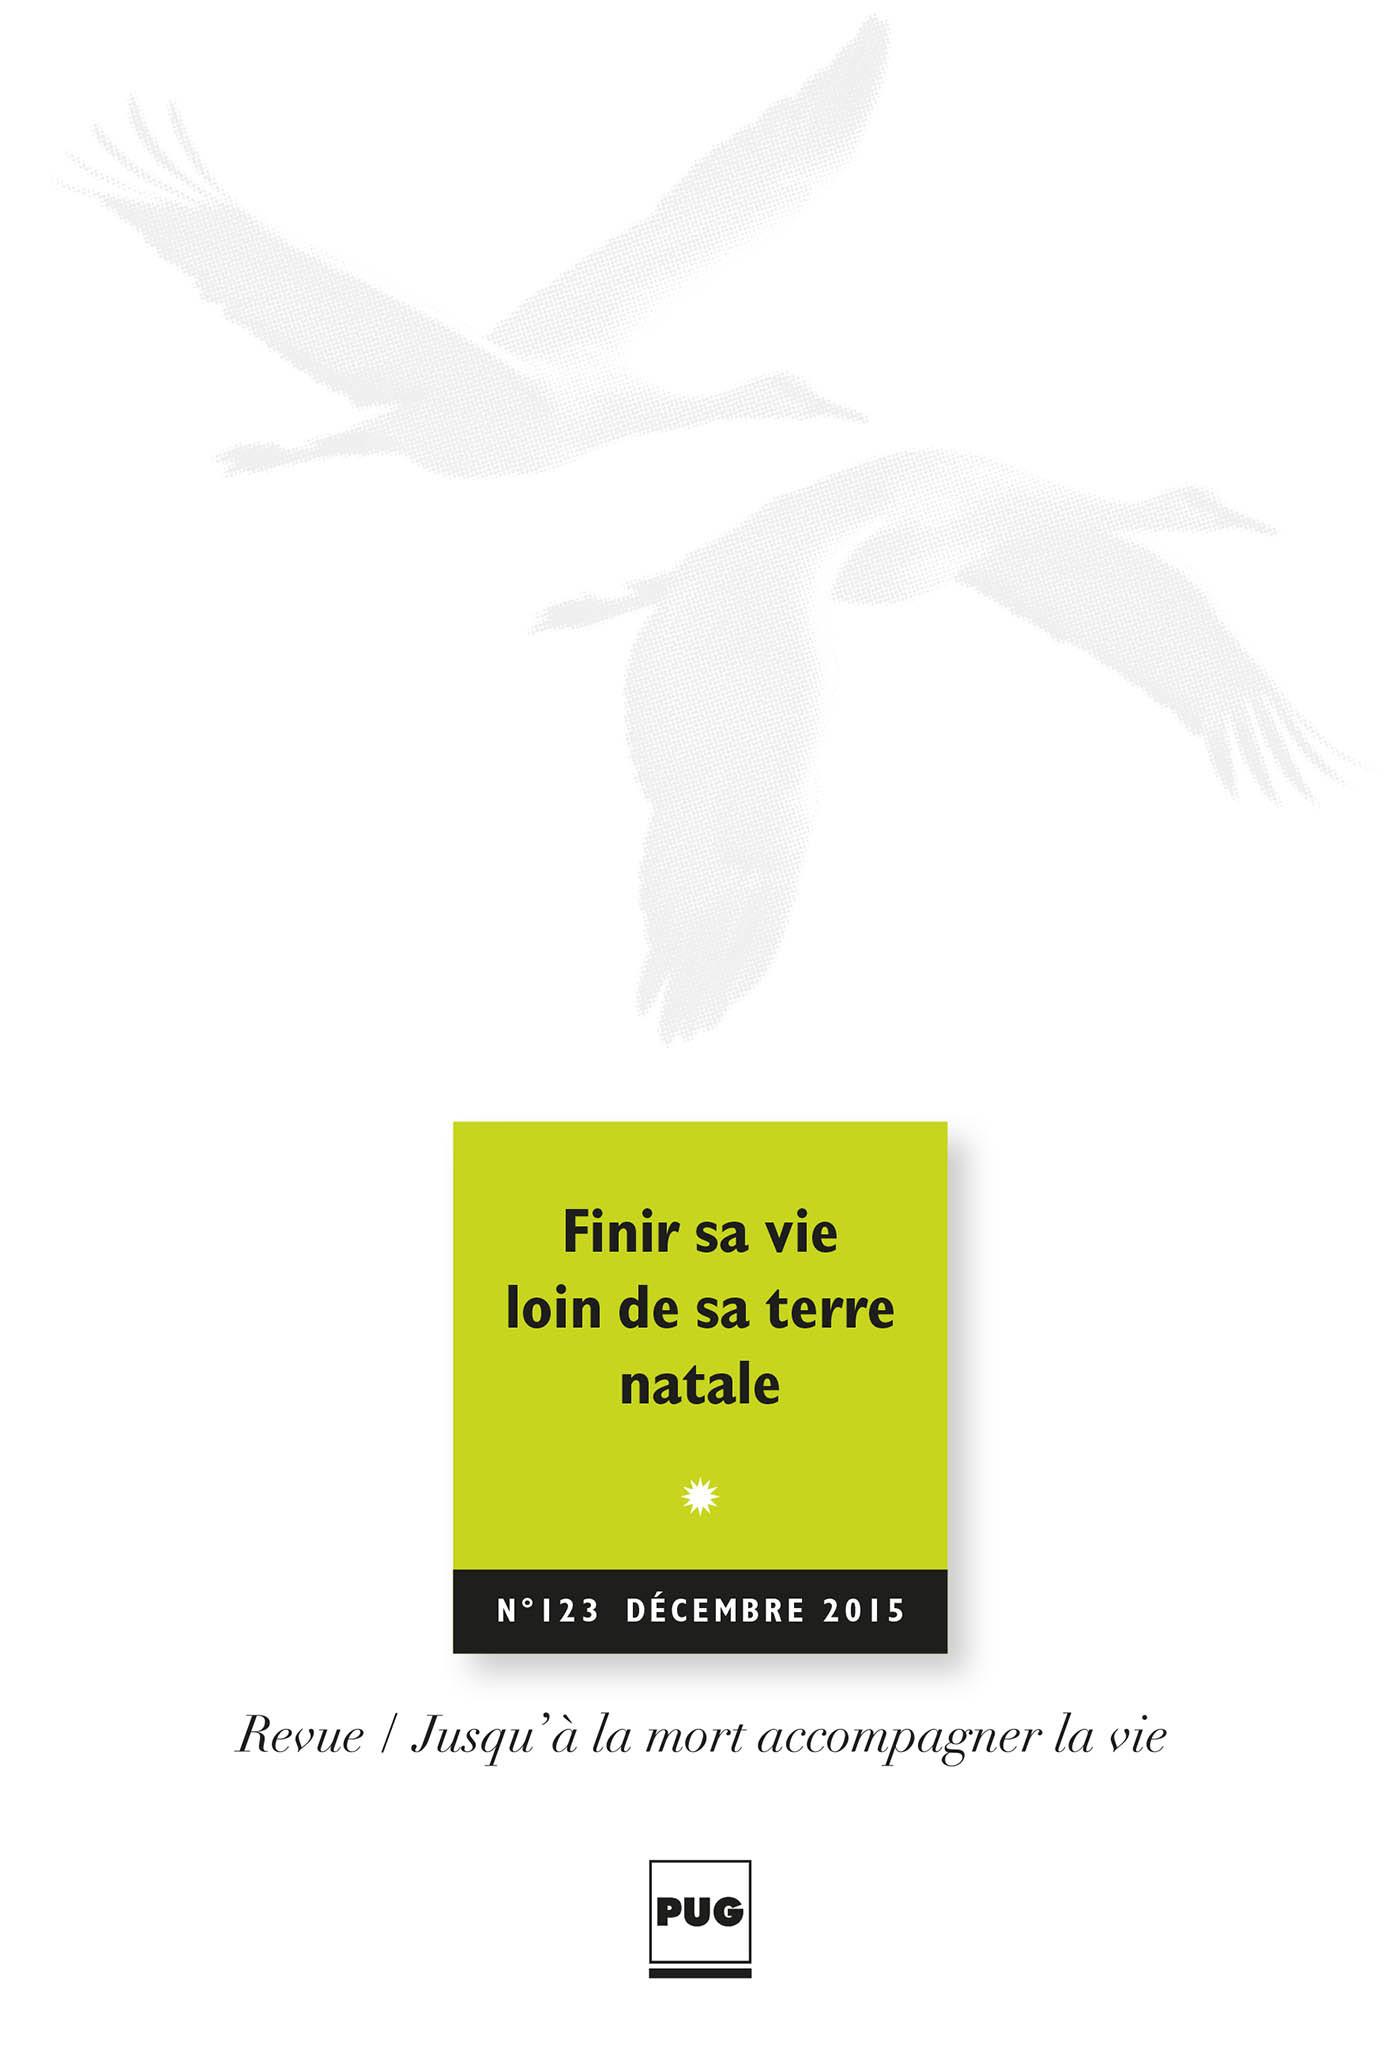 JALMALV - FINIR SA VIE LOIN DE SA TERRE NATALE - N123